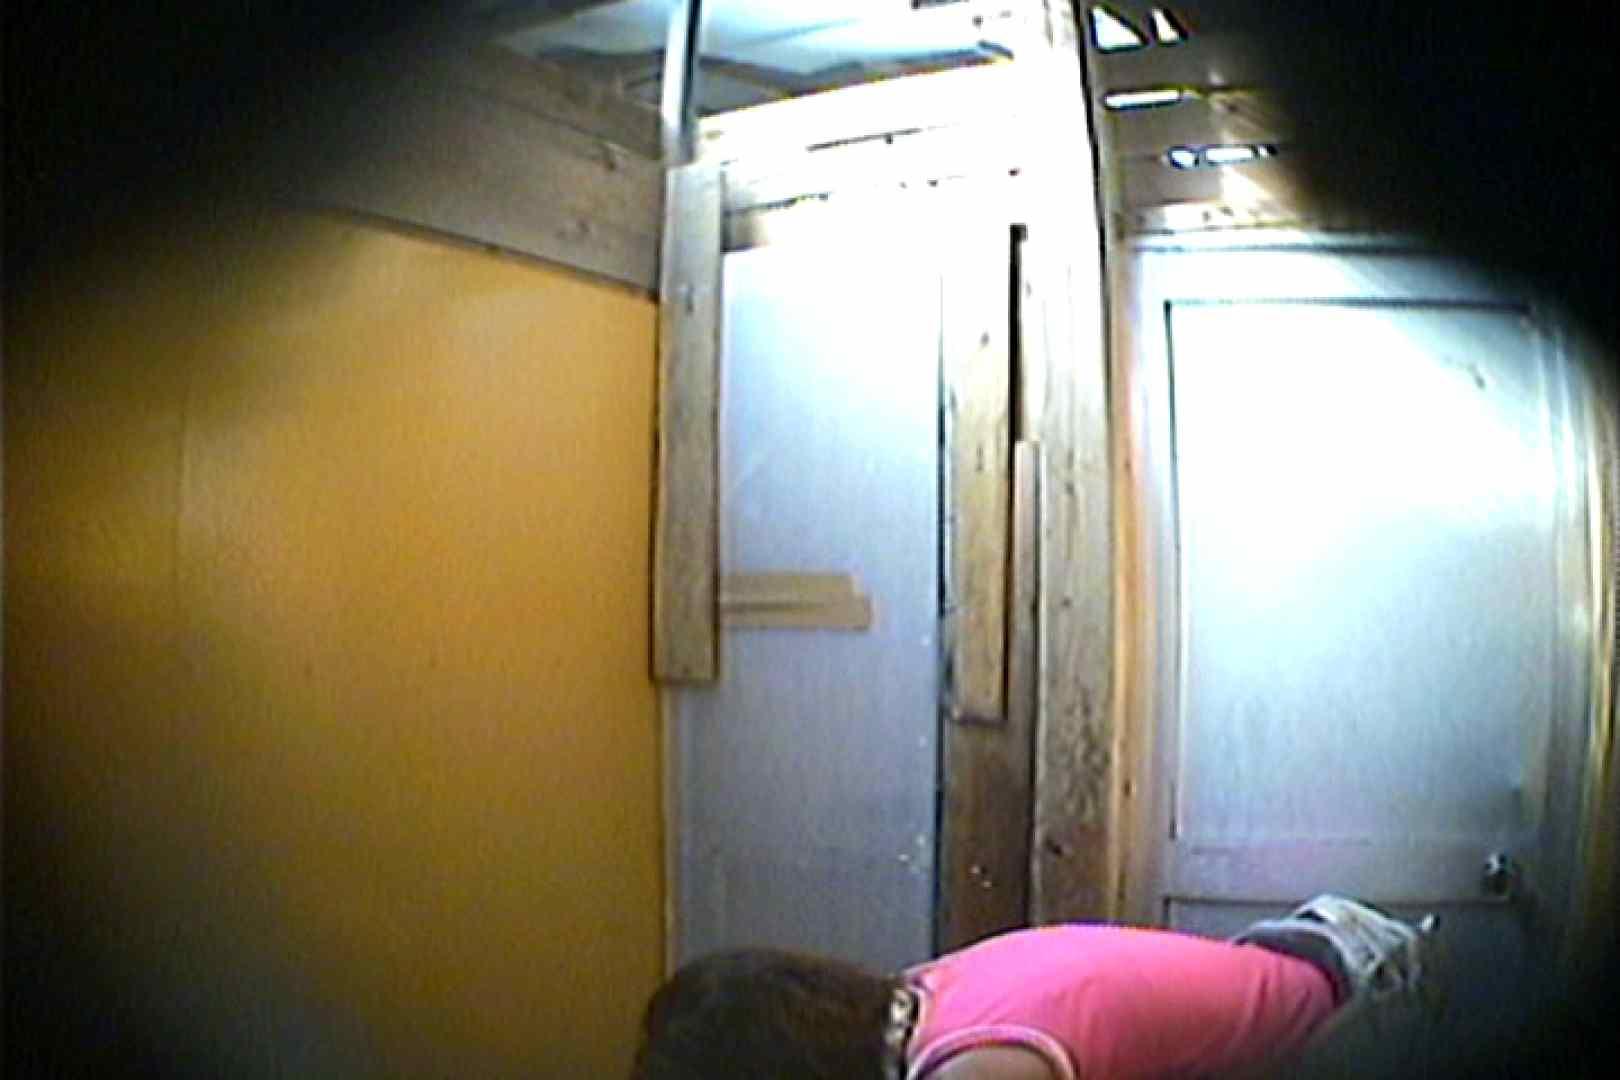 海の家の更衣室 Vol.15 色っぽいOL達 隠し撮りオマンコ動画紹介 95pic 17